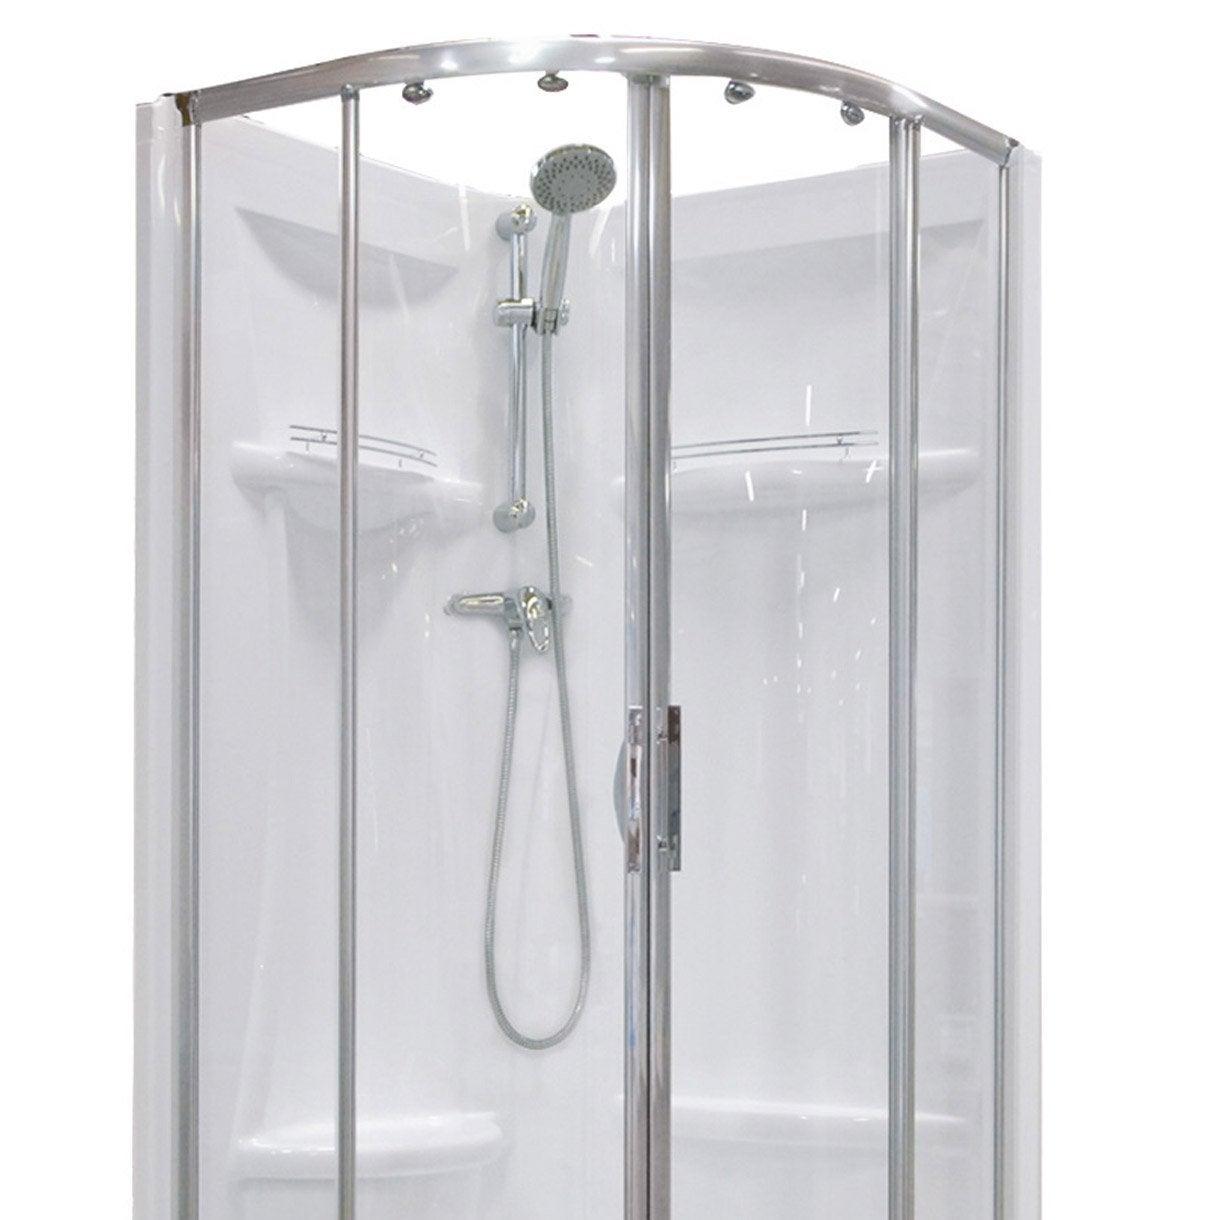 Cabine de douche litalienne leroy merlin - Cabine de douche rectangulaire 110 x 80 ...